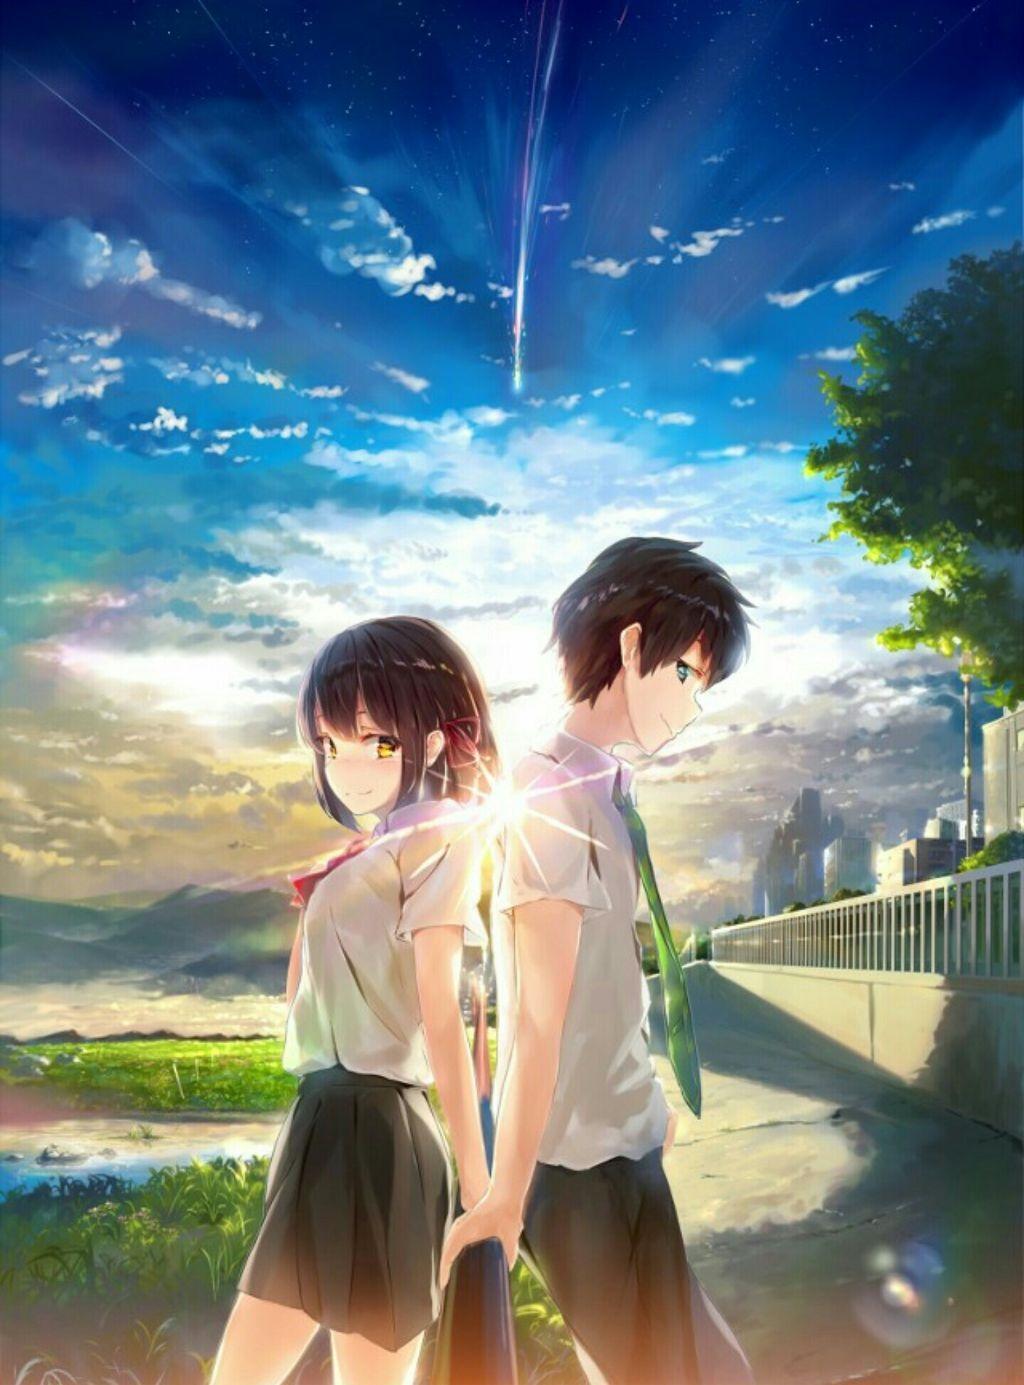 Красивые картинки аниме арты парень и девушка 13